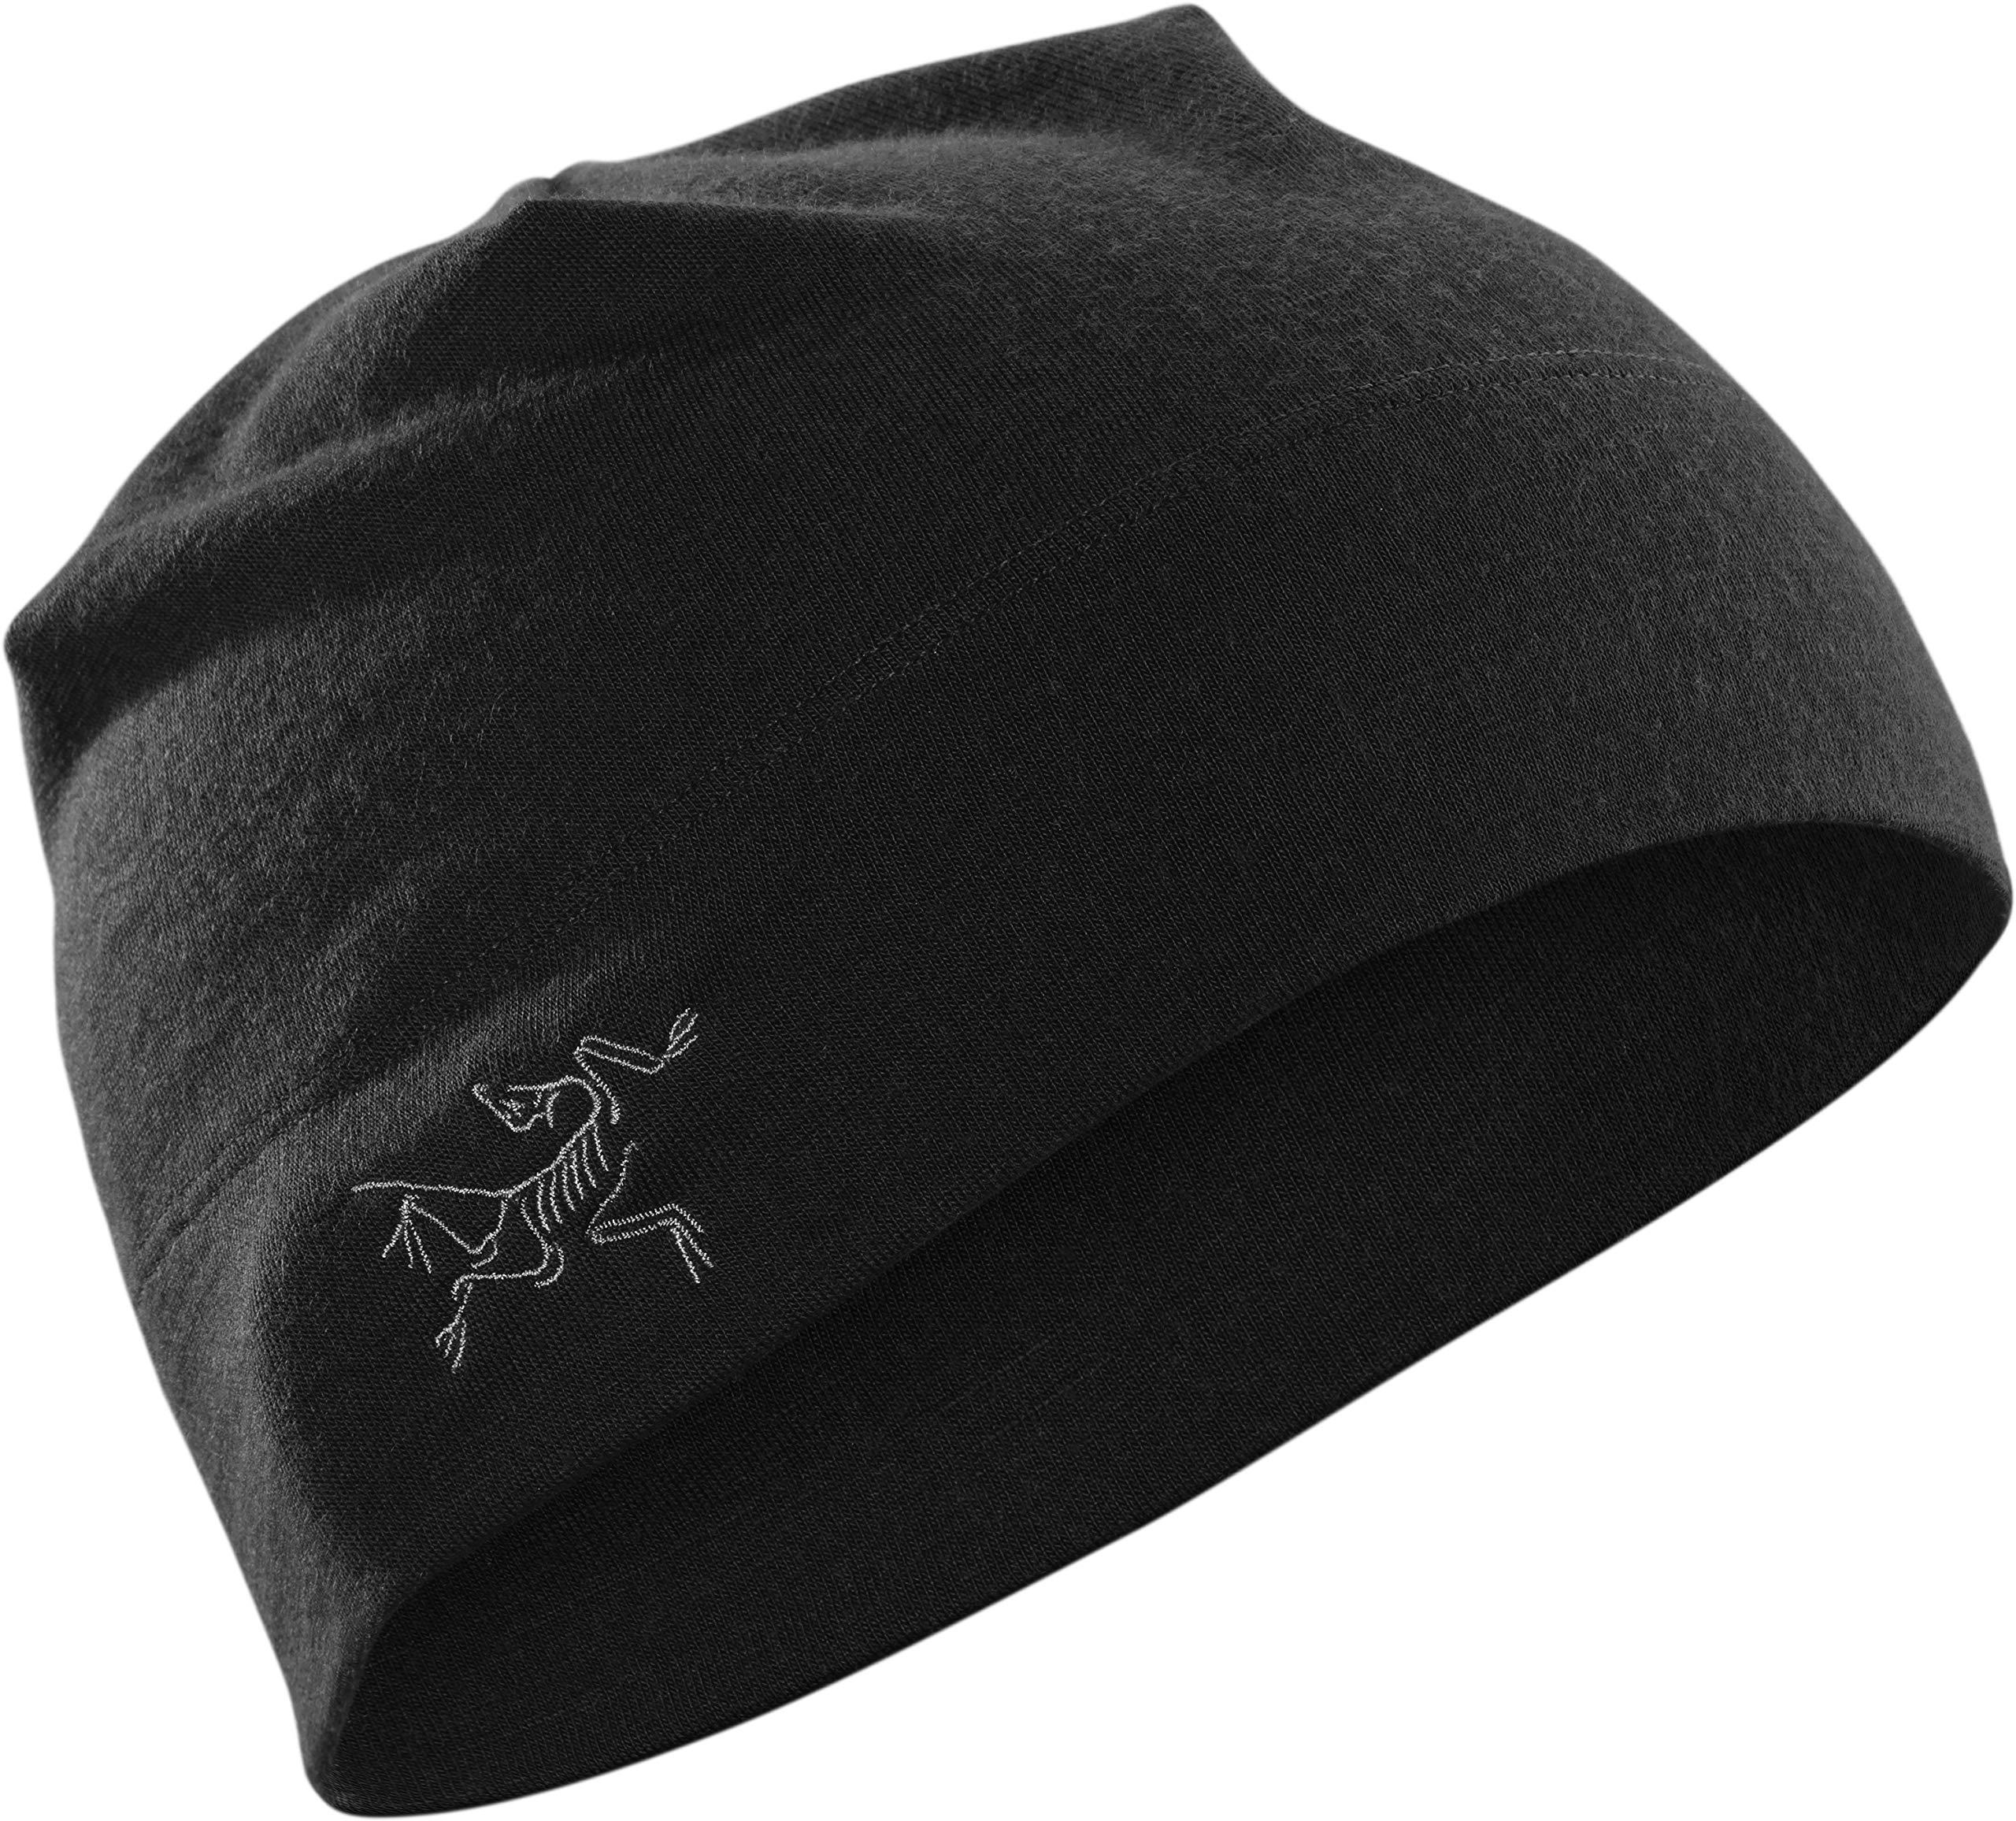 Arc'teryx Rho LTW Beanie (Black) by Arc'teryx